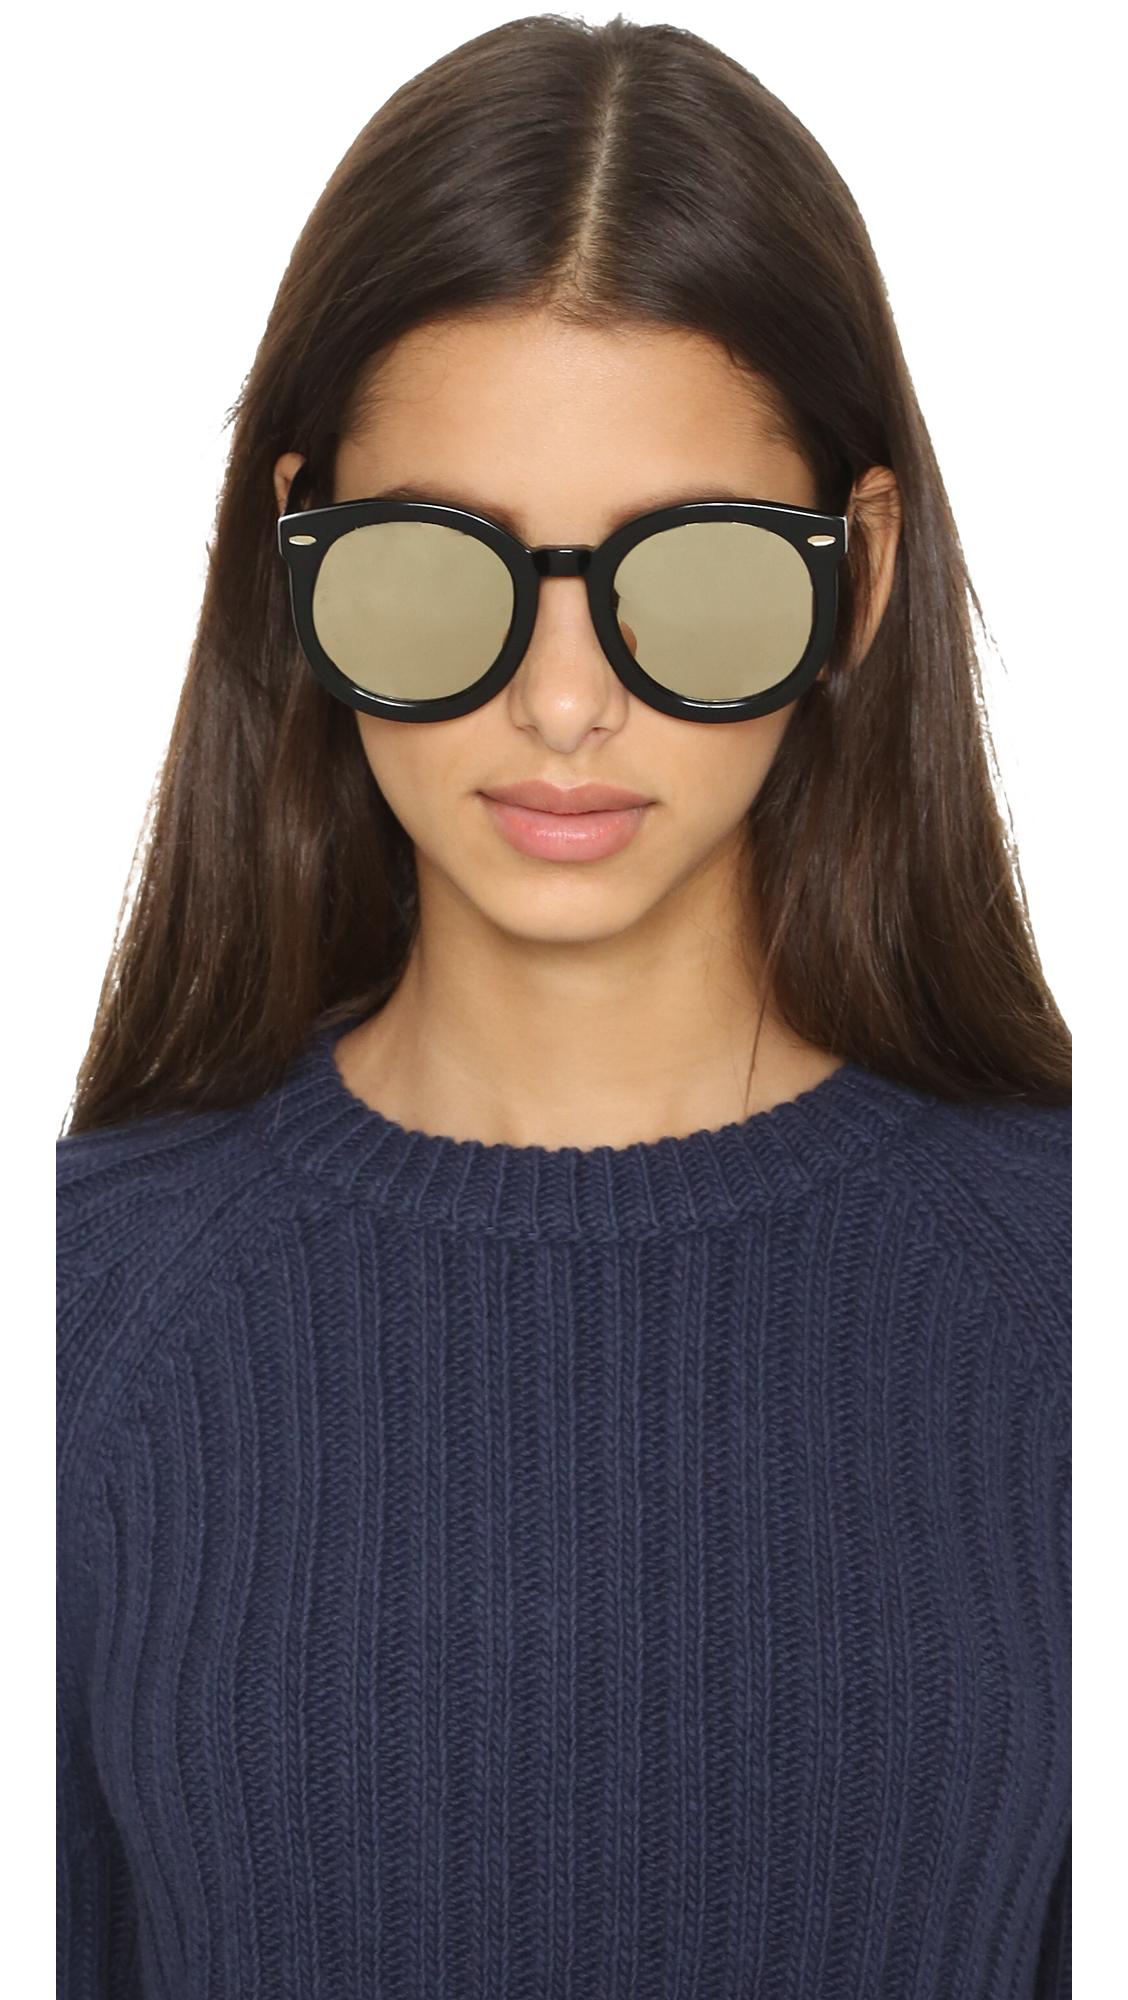 fd763eaab9c Karen Walker Superstars Super Duper Strength Sunglasses